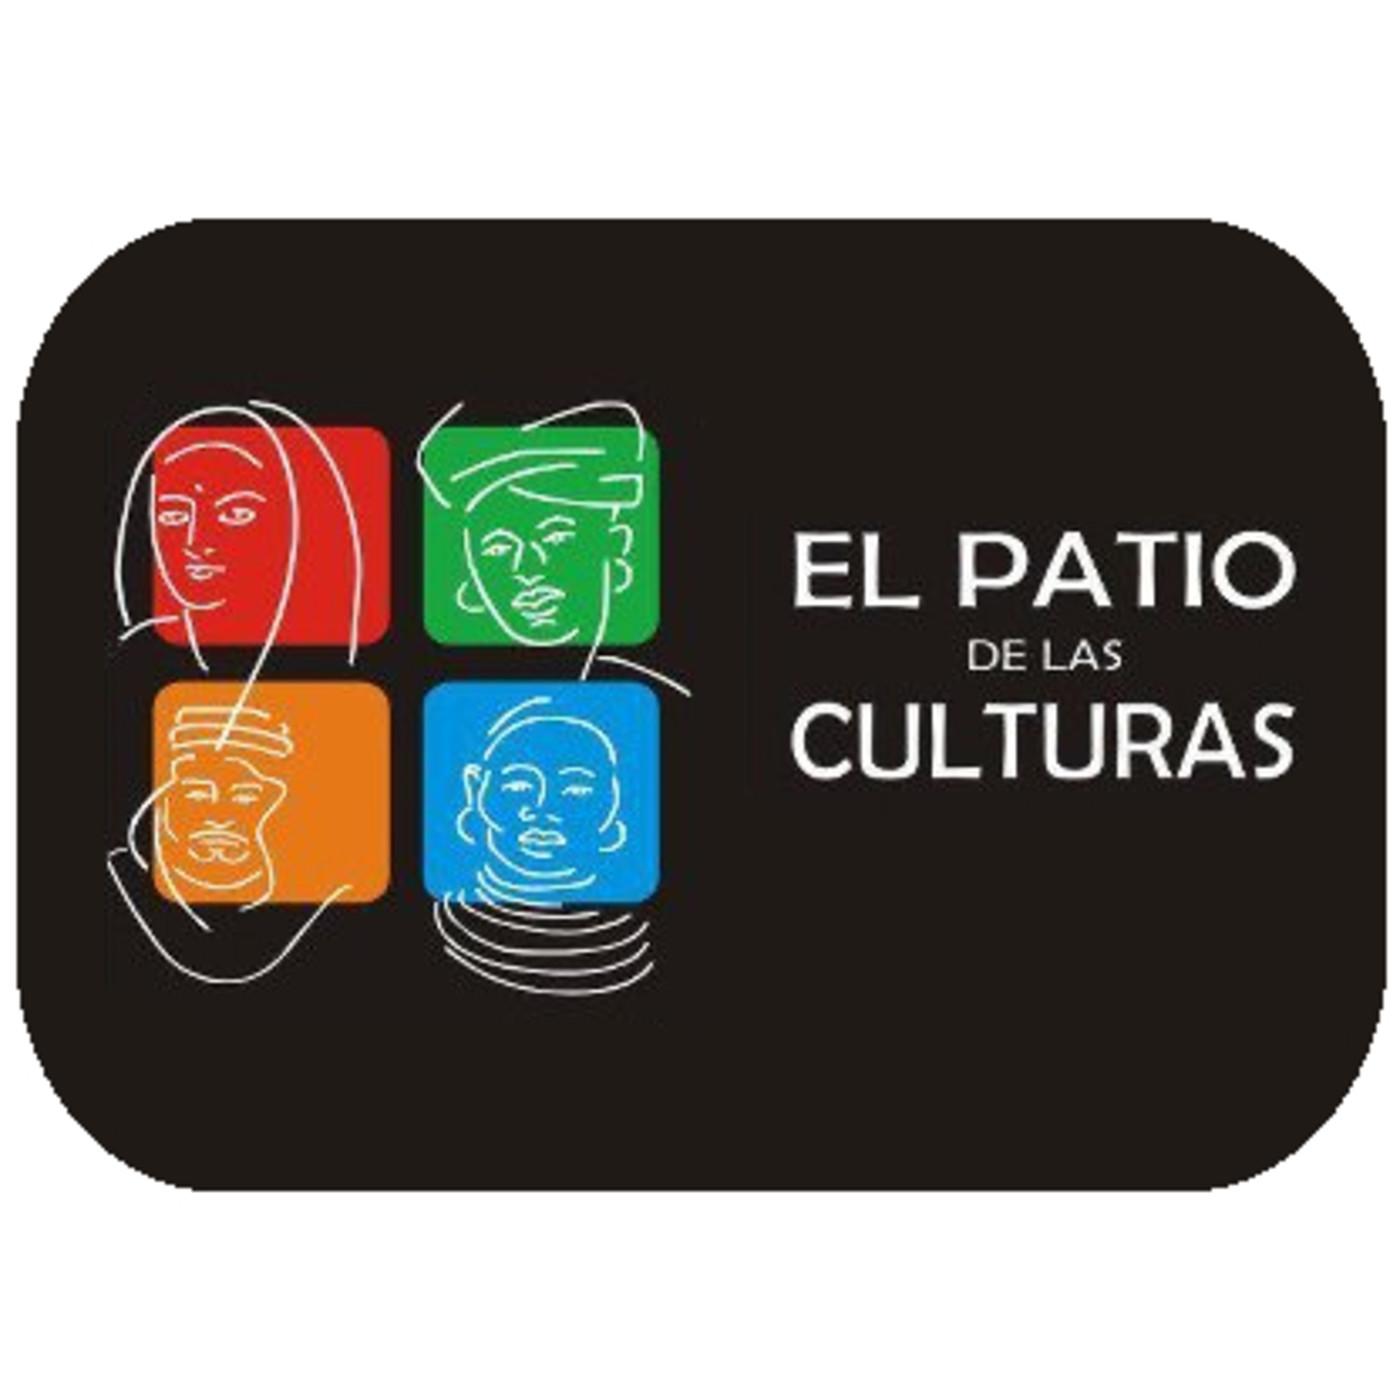 El Patio de las Culturas 2016 10 27 en El Patio de las